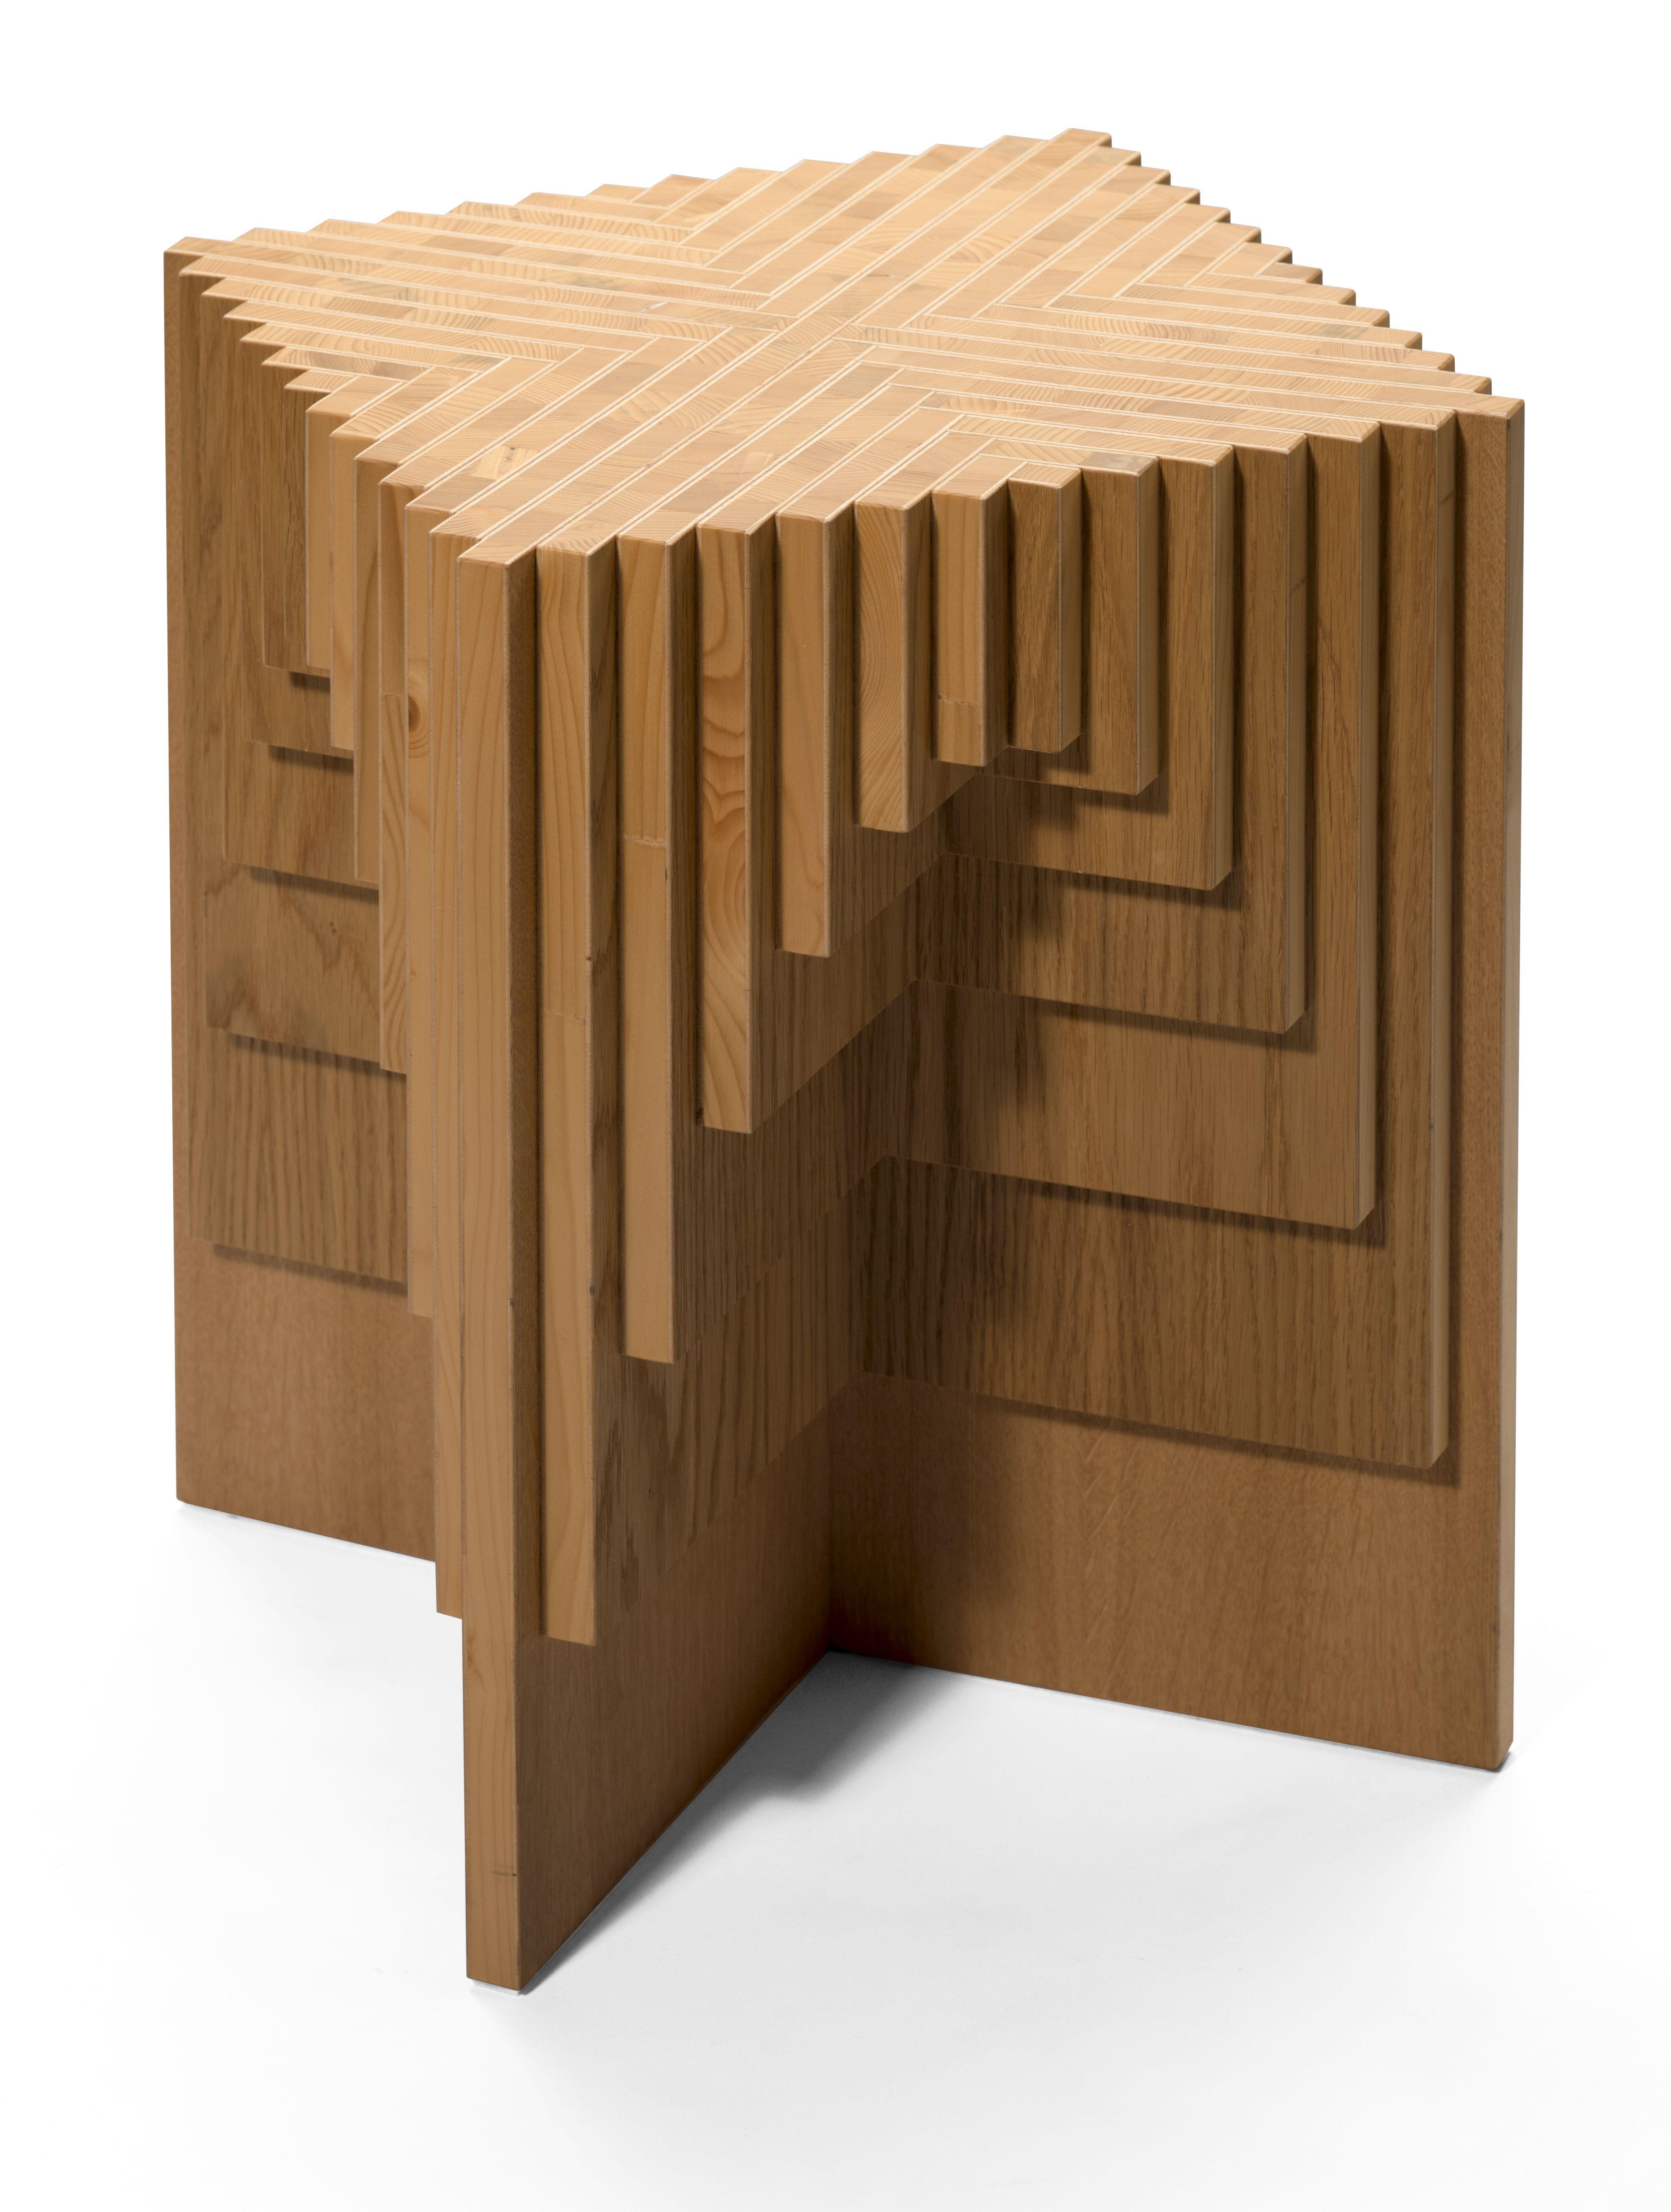 Tisch Beistelltisch Holzx 1 Design Orterfinder Tischlerplatte